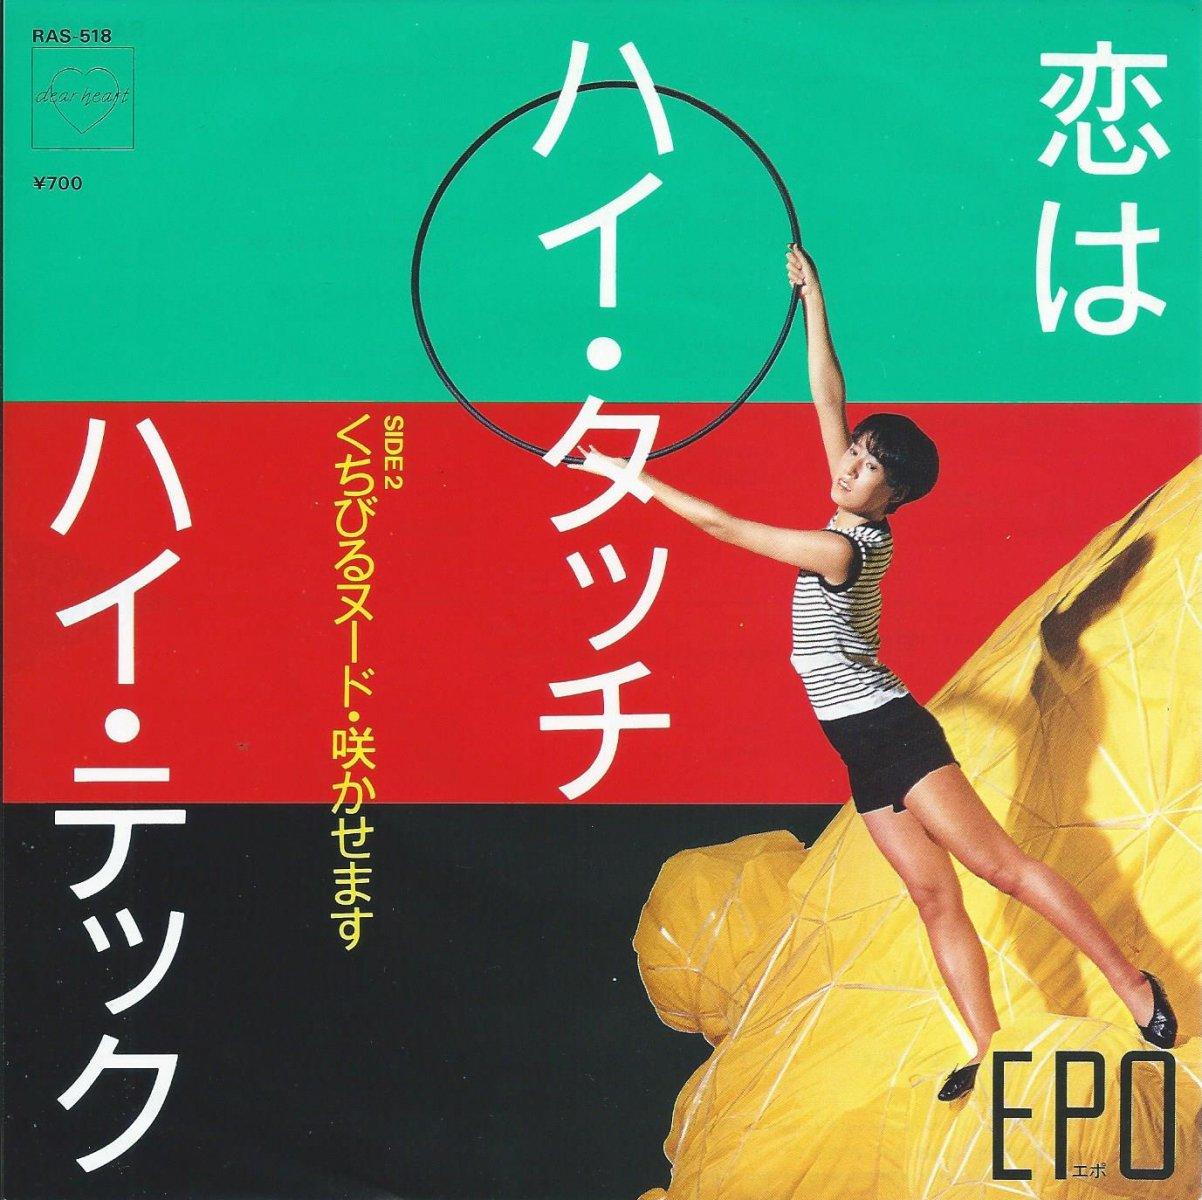 エポ EPO / 恋はハイ・タッチ-ハイ・テック / くちびるヌード・咲かせます (7